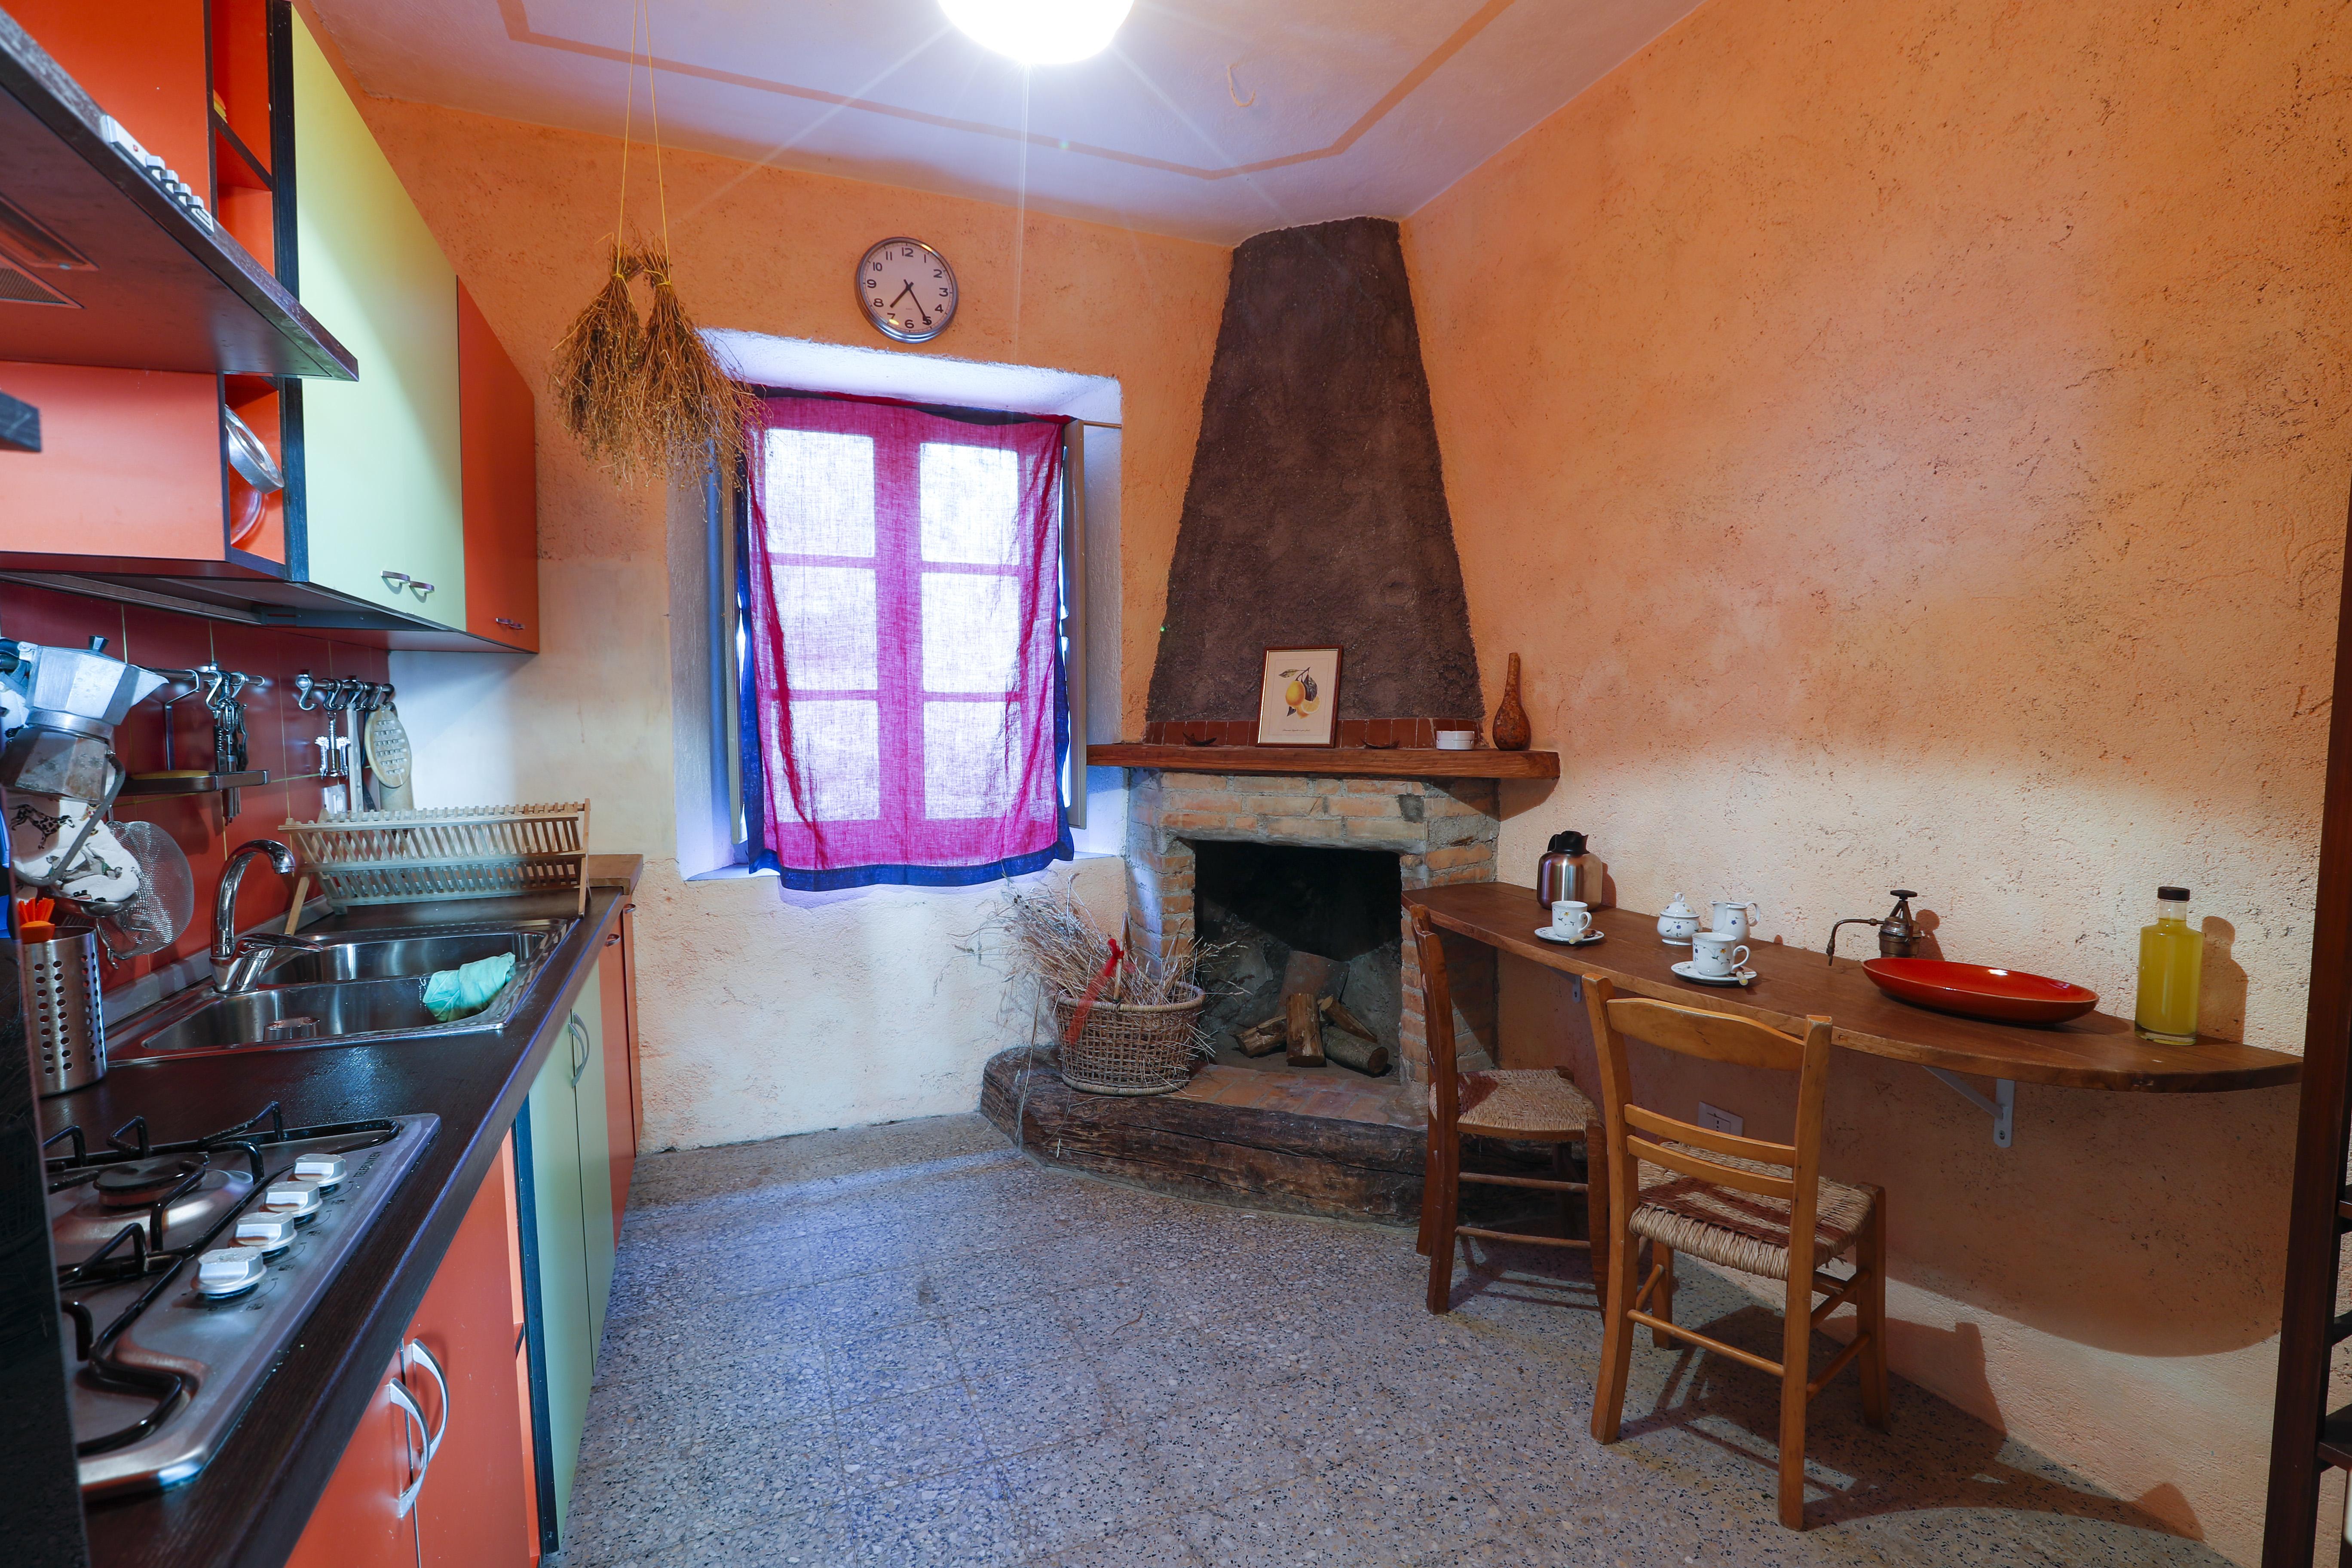 Camera e Colazione - Cucina - piano inferiore